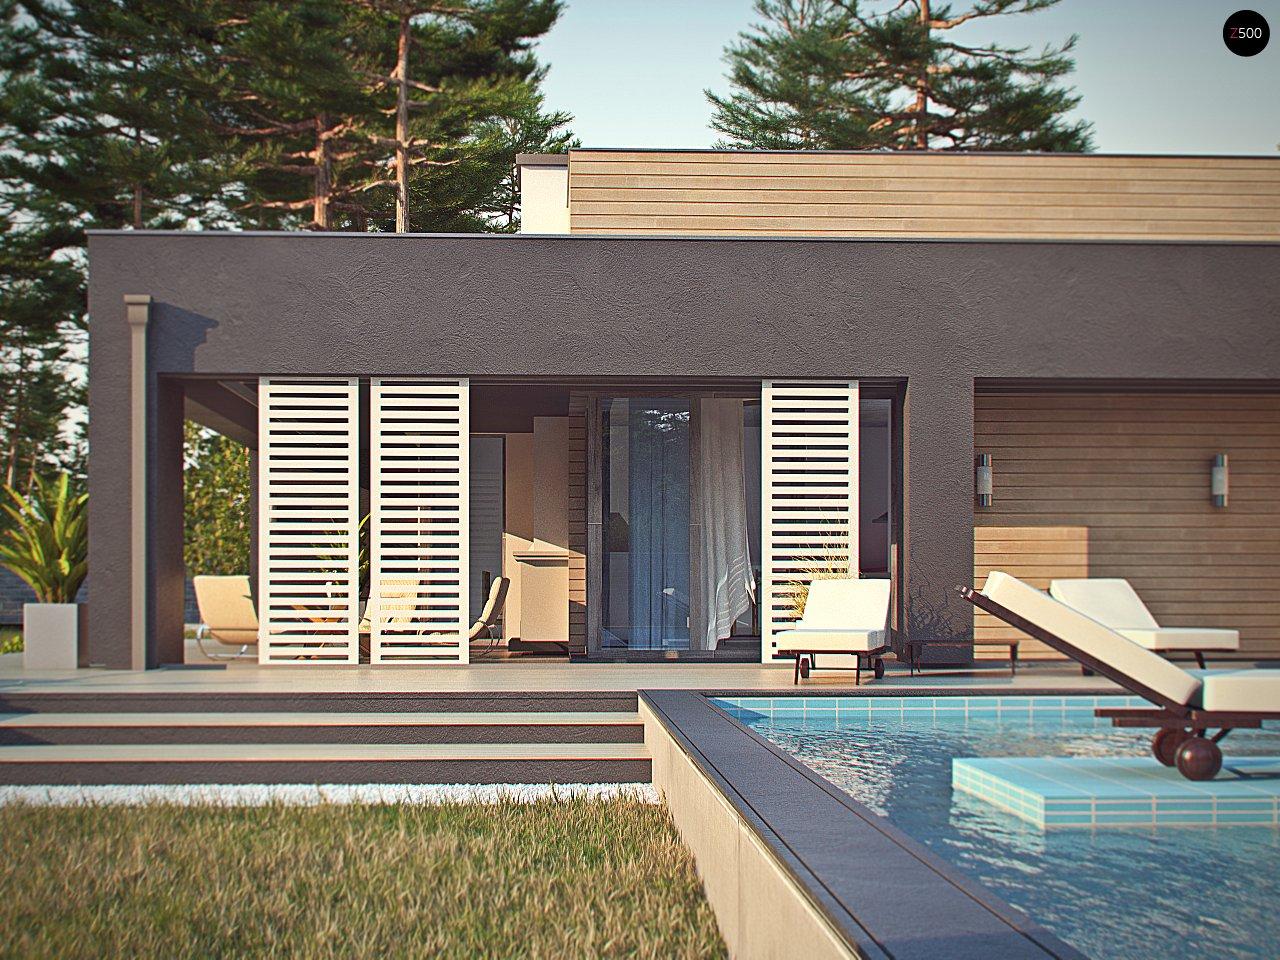 Одноэтажный дом в стиле хай-тек с плоской кровлей и большой площадью остекления. 9